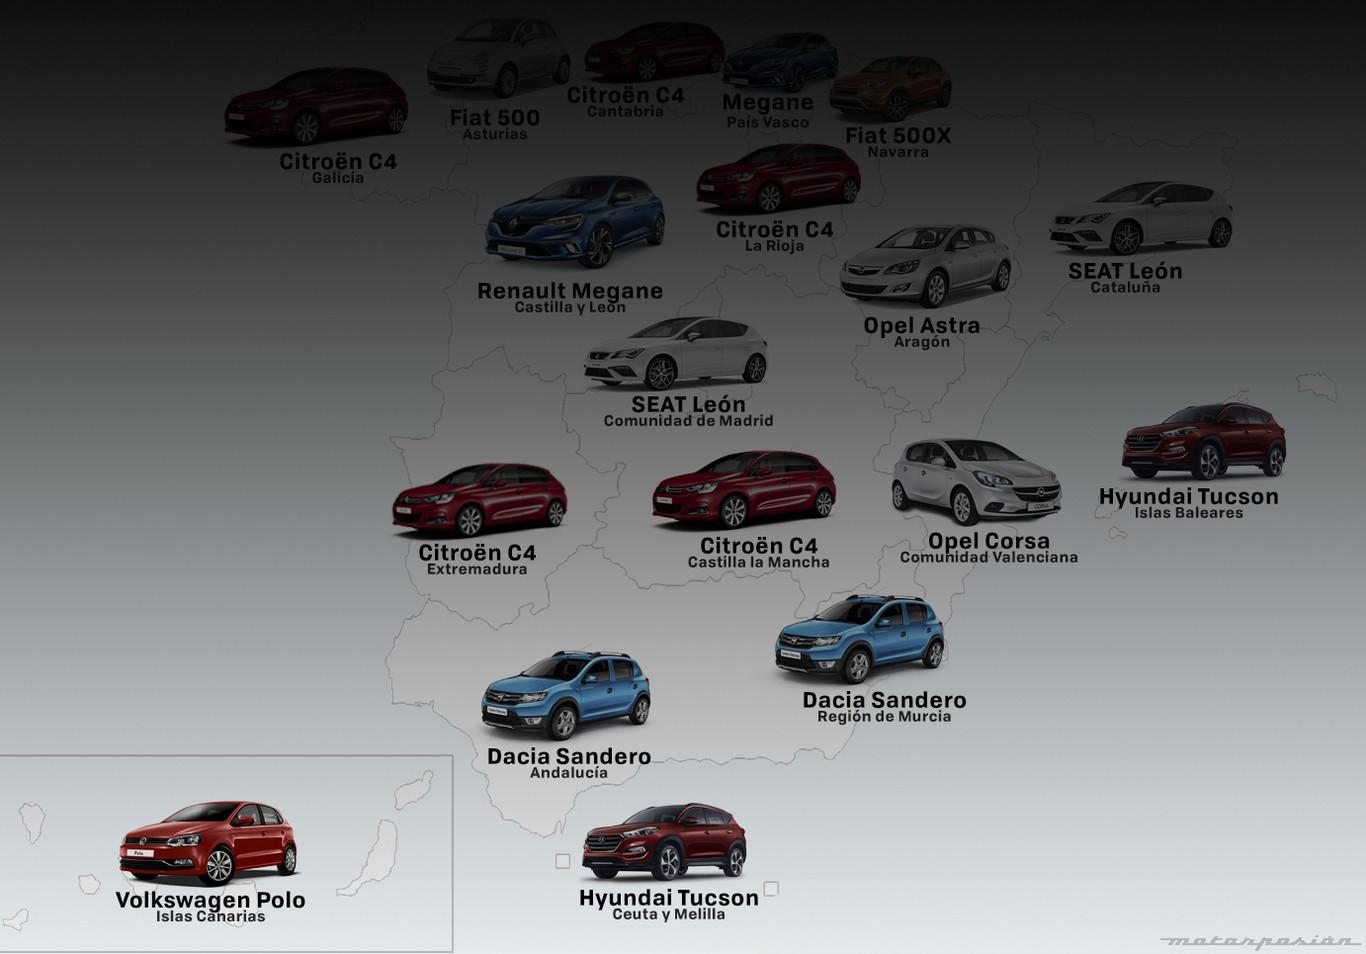 9cc0fd8c3be Ventas de coches en España y Europa: ¿cuáles son los favoritos?